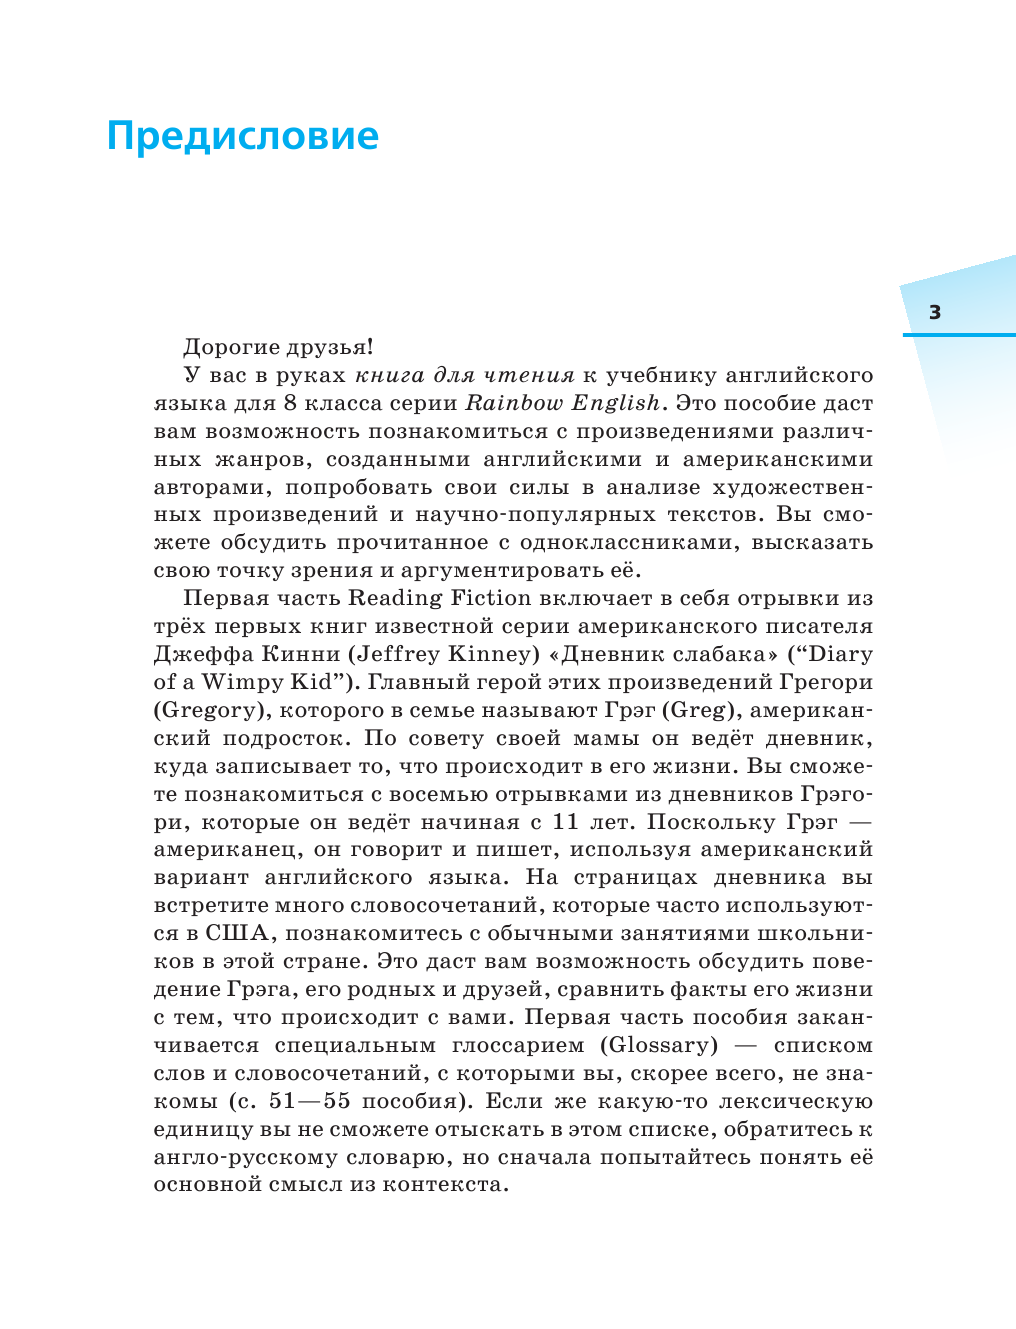 О.в афанасьева и и.в михеева 8 класс м дрофа 2018 учебник